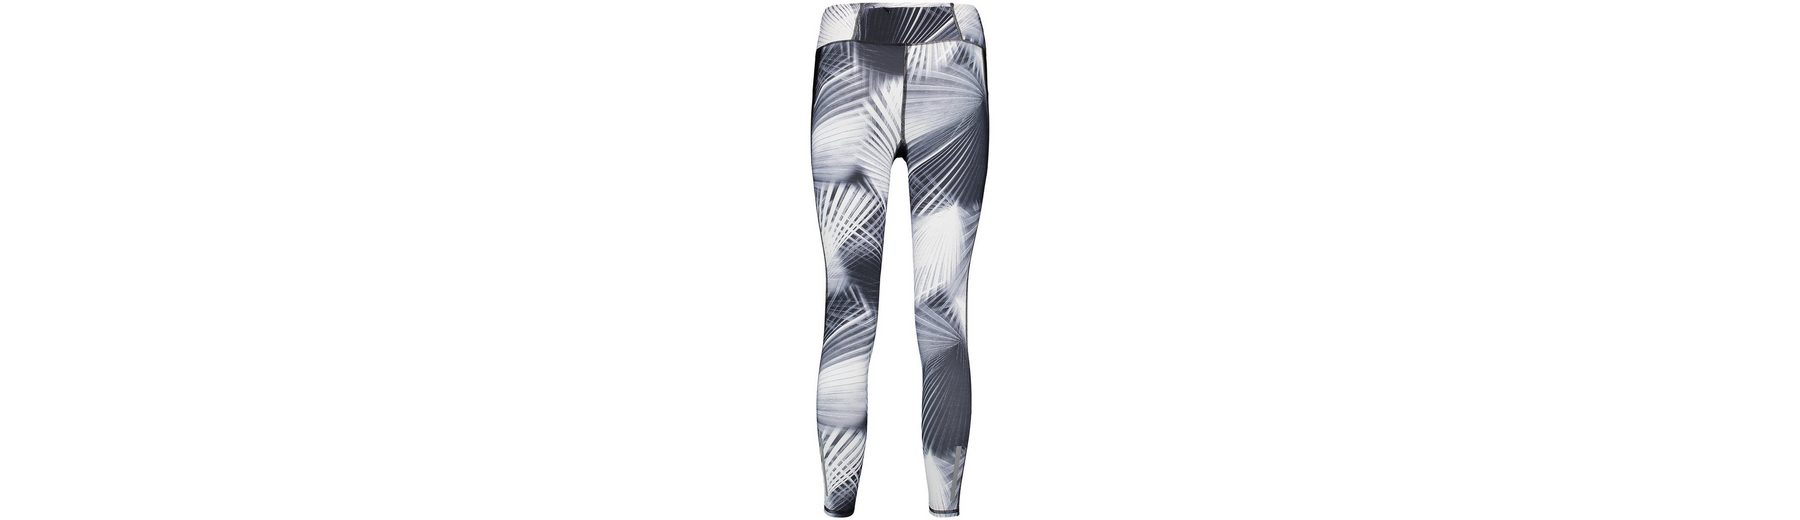 O'Neill Legging Active print 7/8 legging Wie Viel Günstigen Preis rim3VY